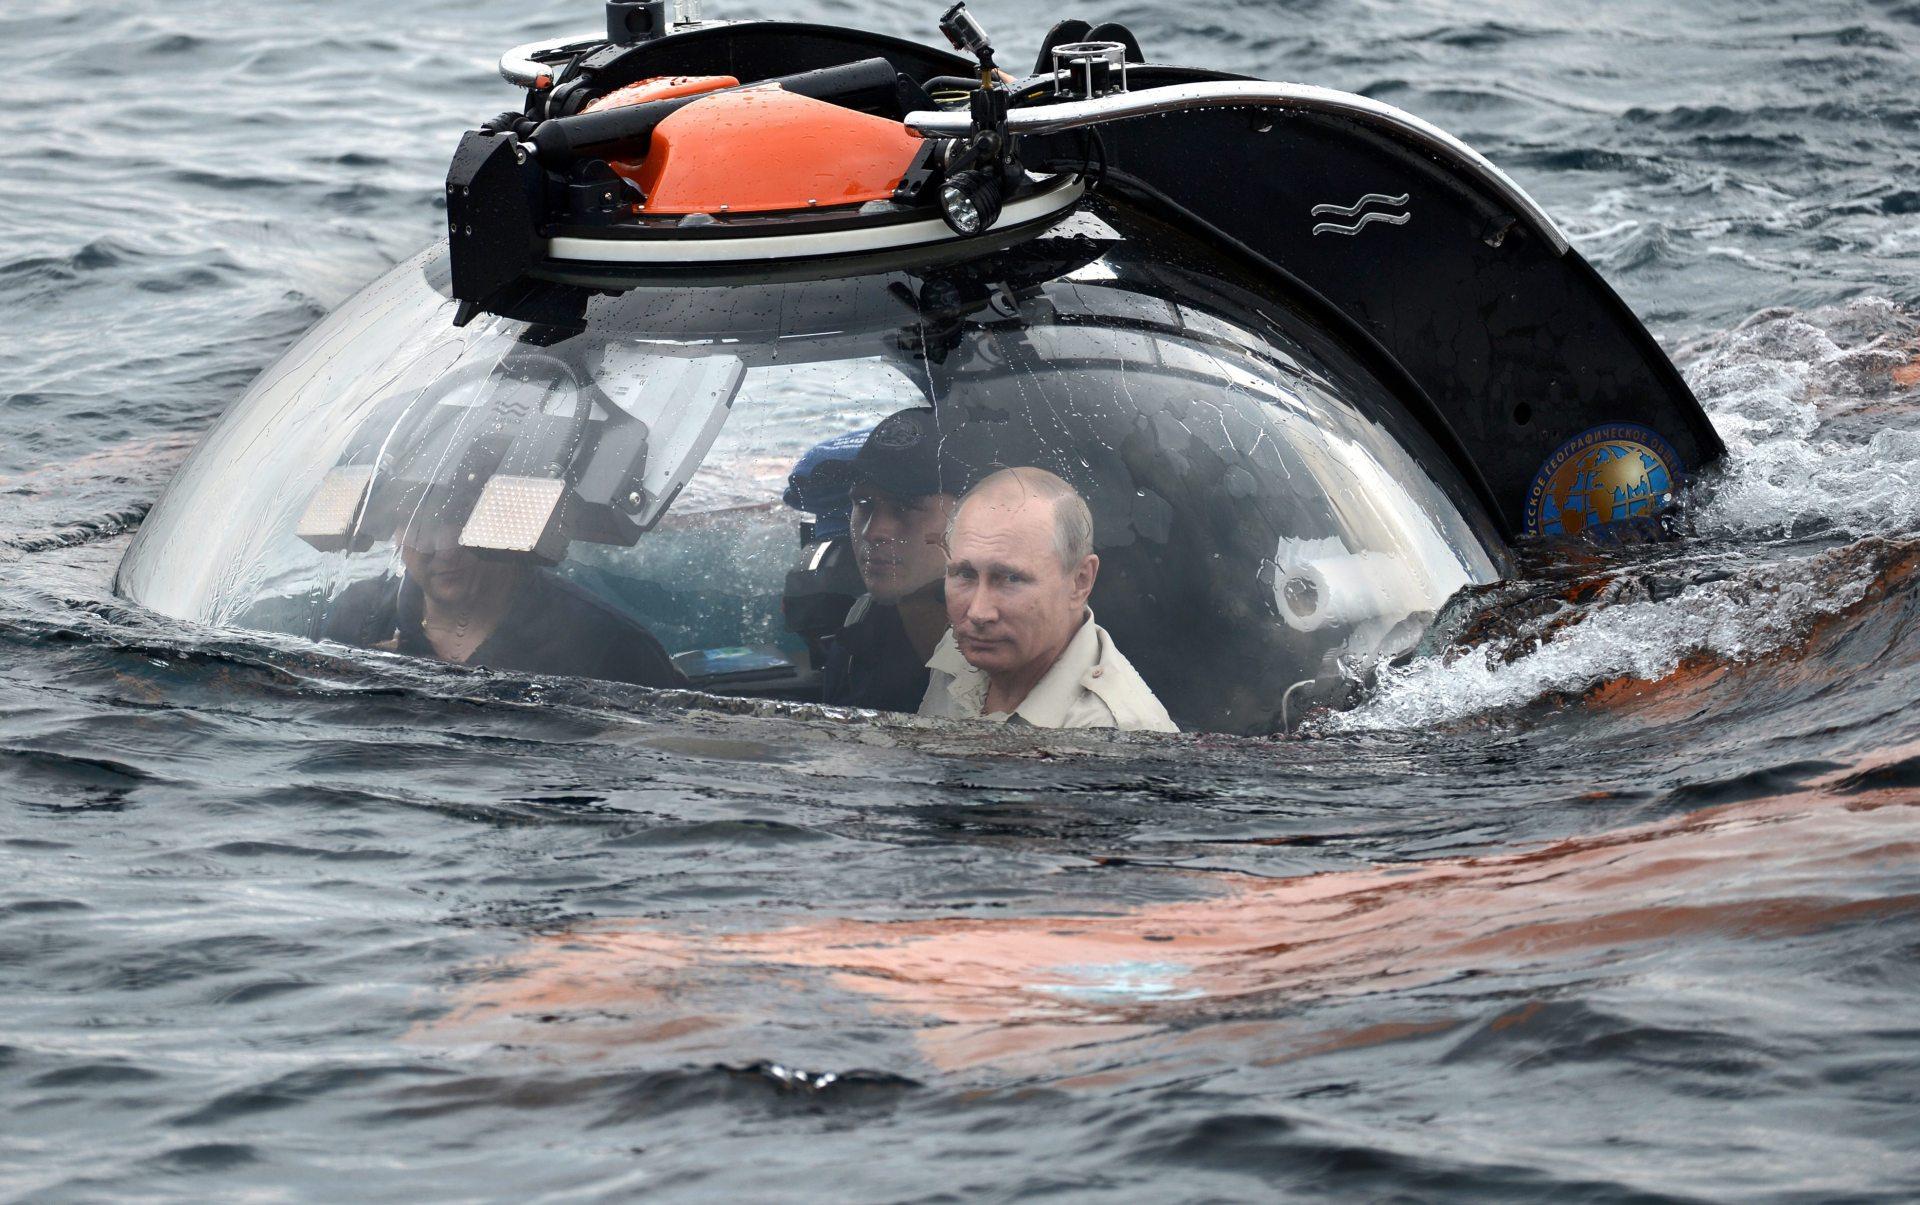 PUTIN: Rusija ne želi biti lider u Siriji nego pridonijeti borbi protiv terorizma